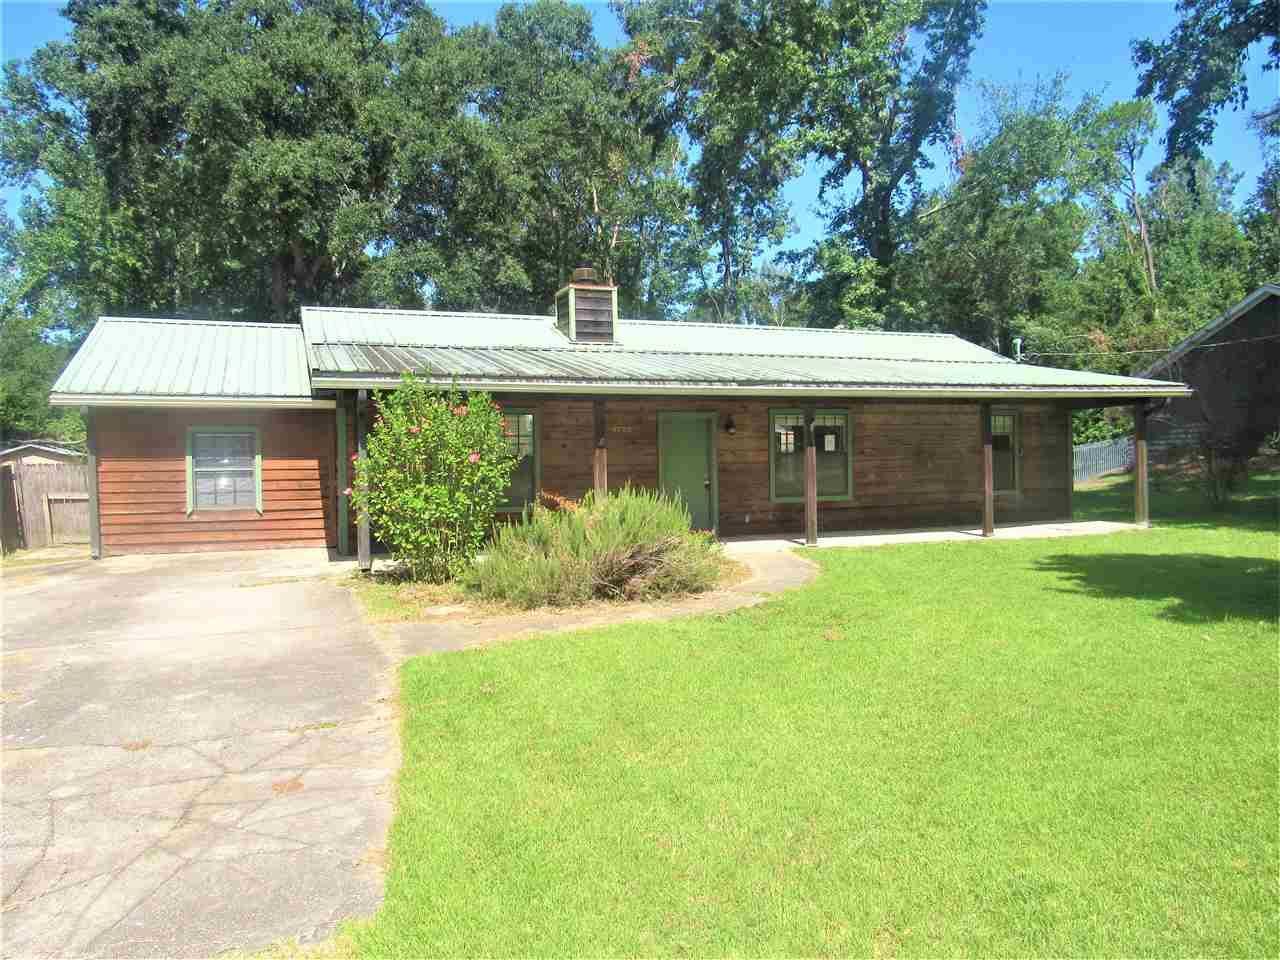 Photo of 6708 Hill Gail Trail, TALLAHASSEE, FL 30309 (MLS # 322487)